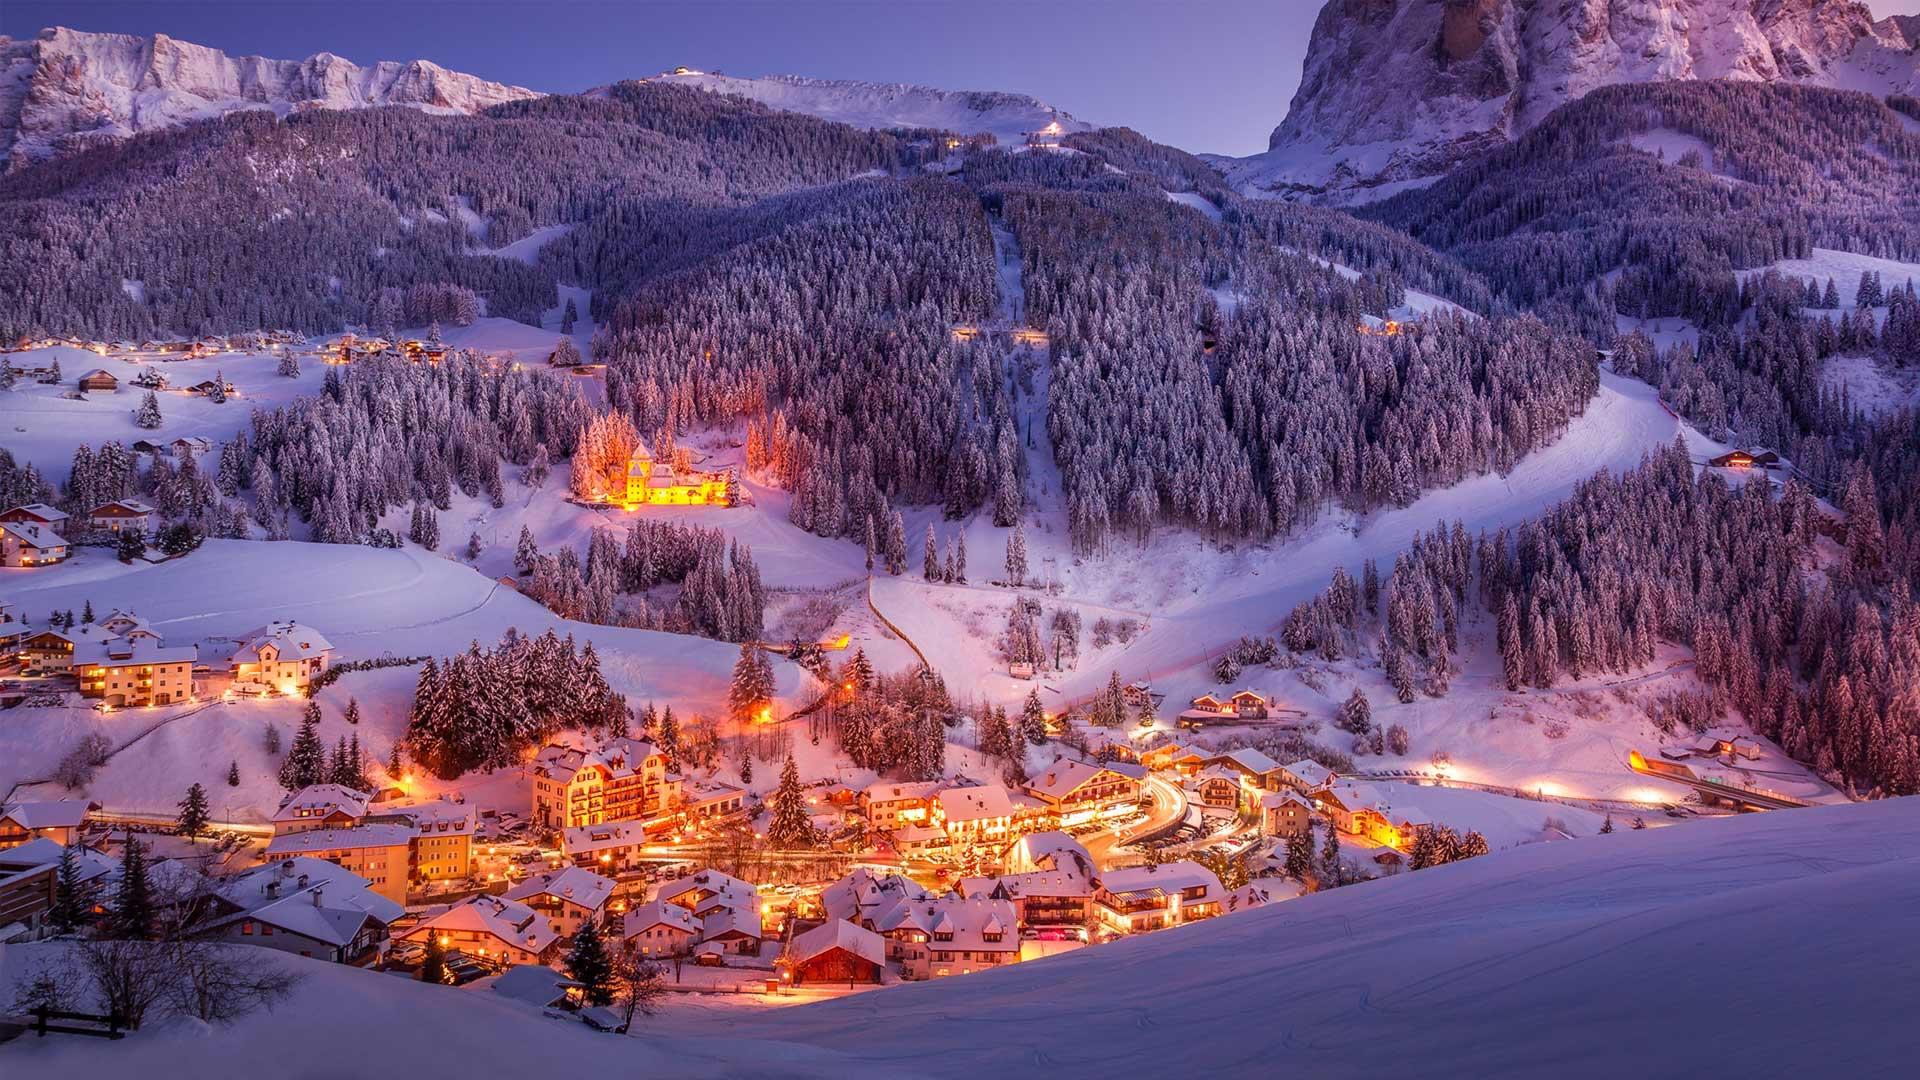 「ガルデナ谷」イタリア, ドロミーティ (© Marco Capellari/Getty Images)